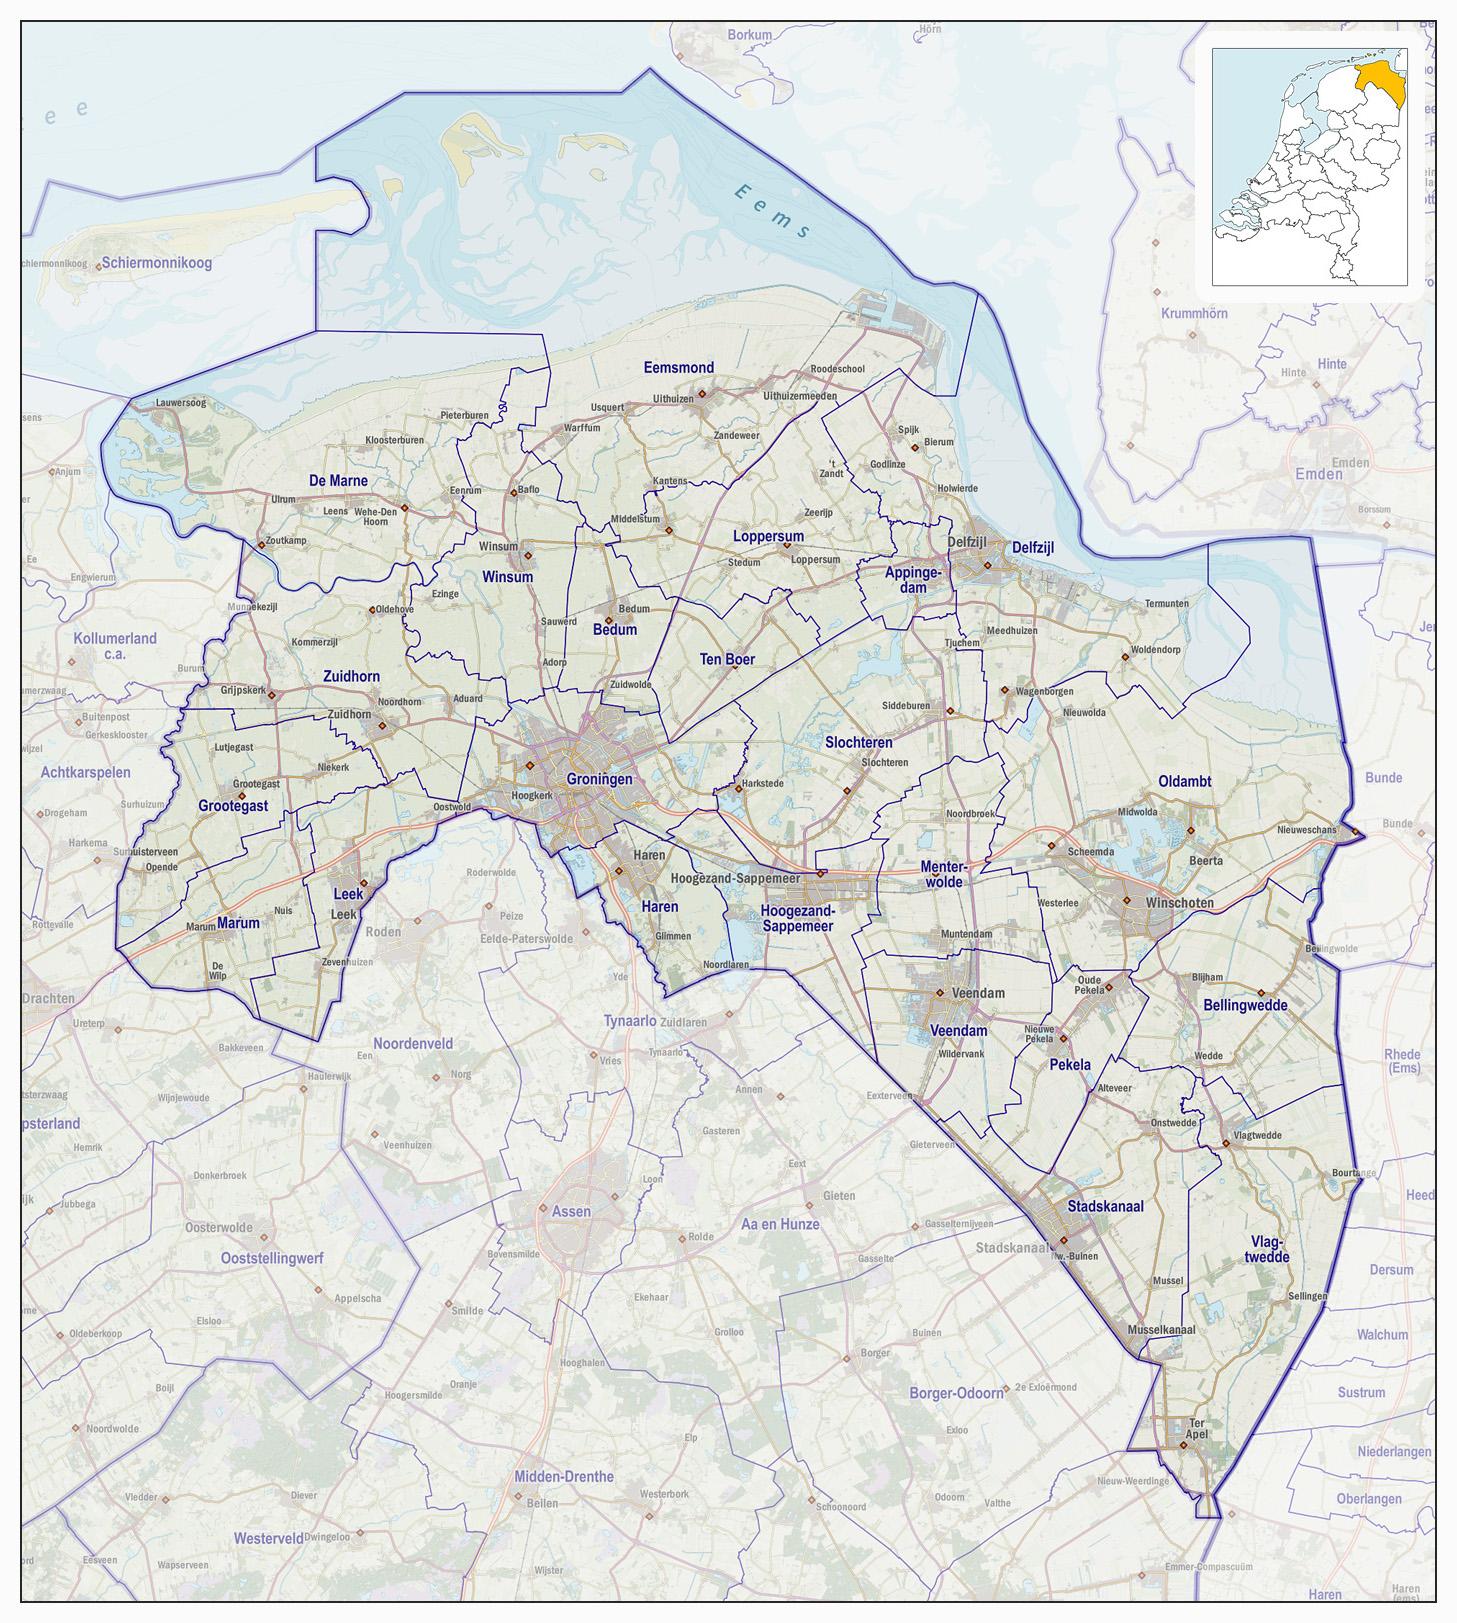 Veiligheidsregio Groningen Wikipedia